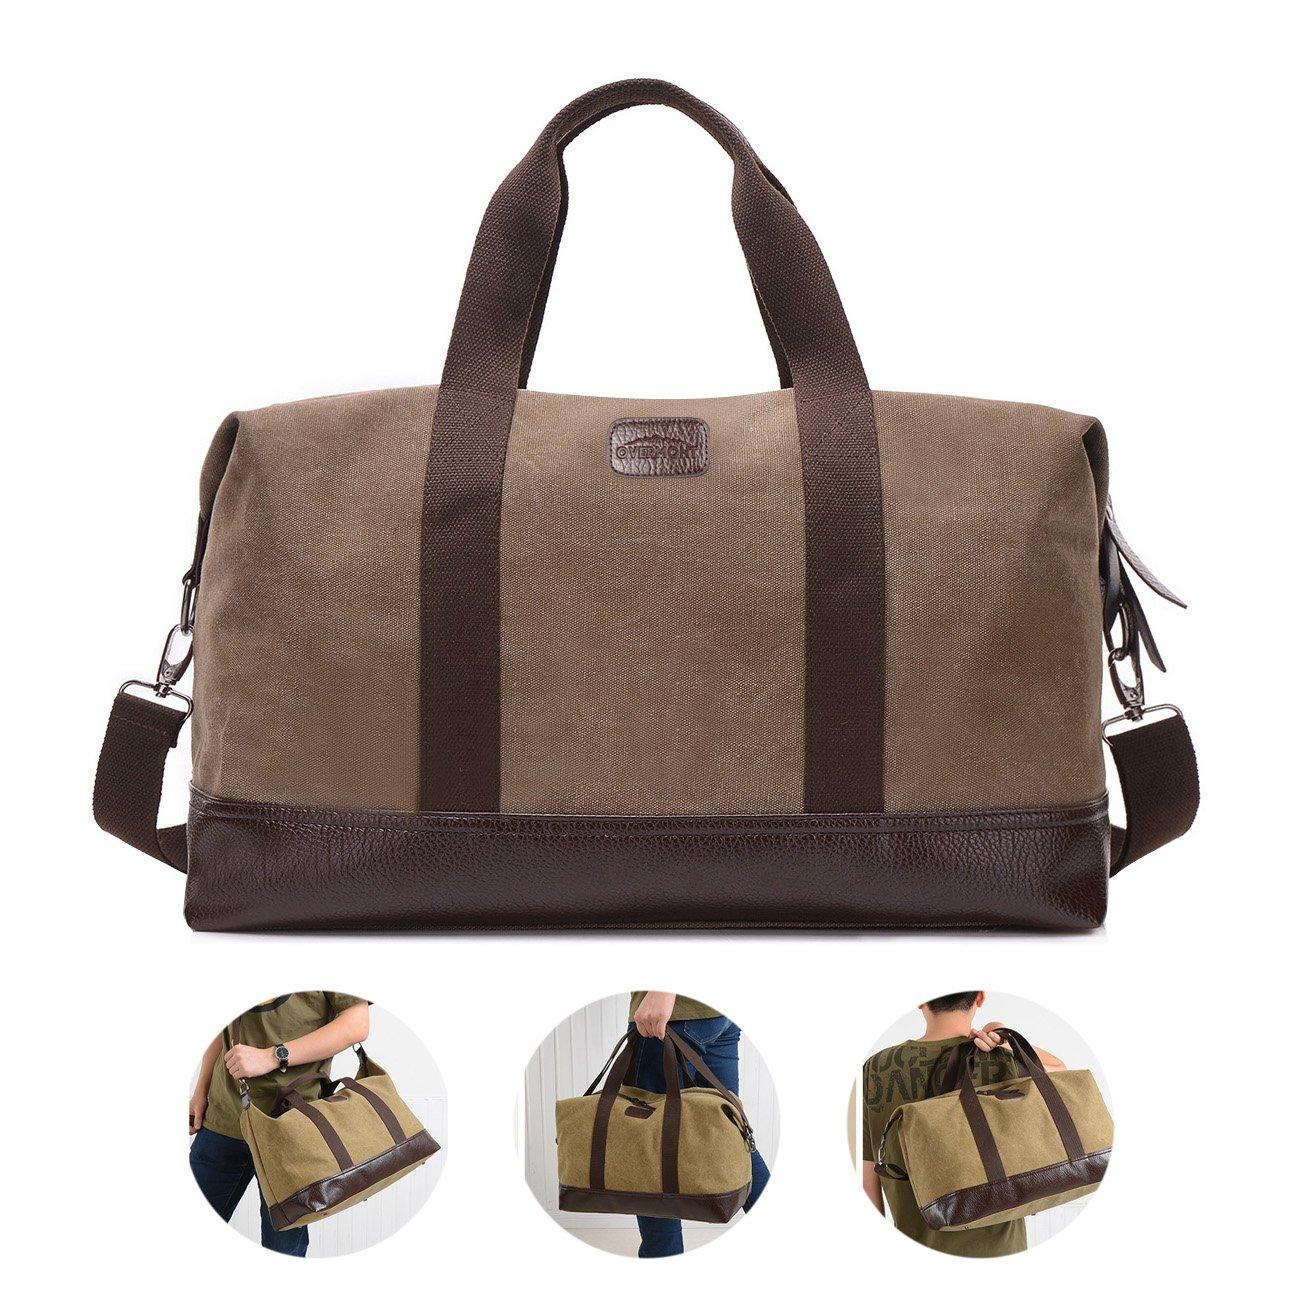 Overmont K1 bolsa de viaje de cuero de lona portátil con gran capacidad para excursión actividades deportivas al aire libre o trabajo color caqui/negro/gris/verde del ejército/marrón